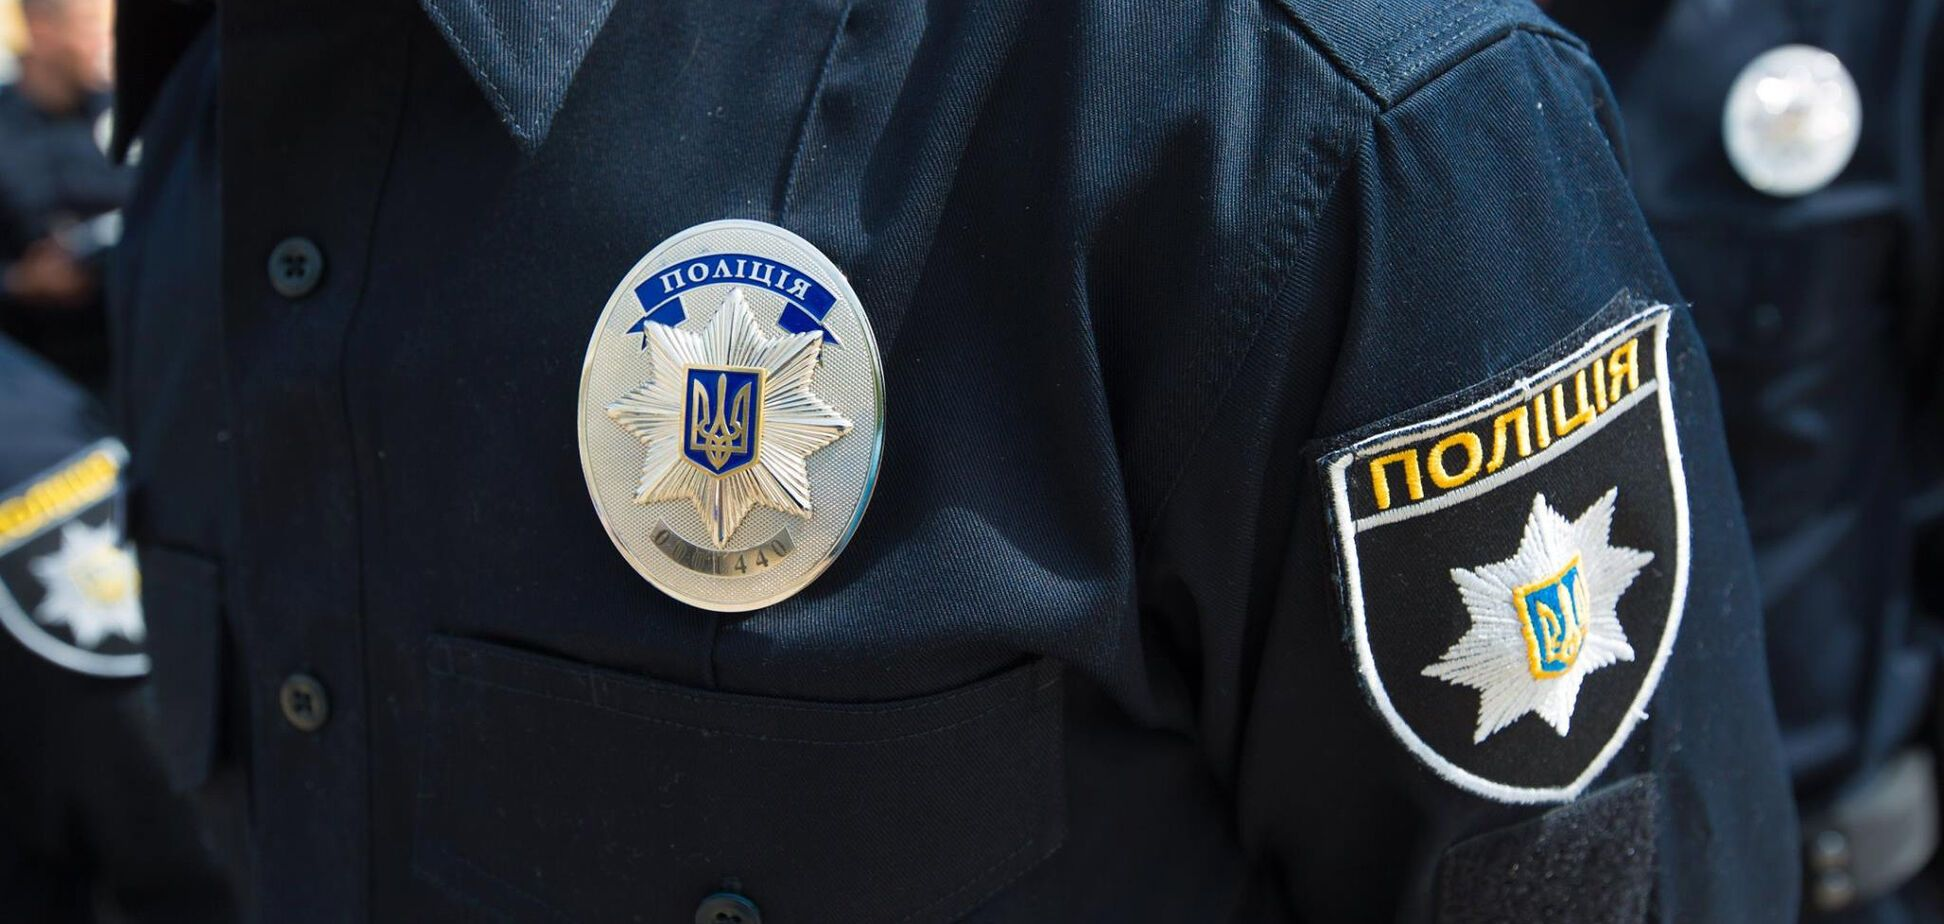 У Києві чоловіка запідозрили у зґвалтуванні та продажу порно з 13-річнимпохресником